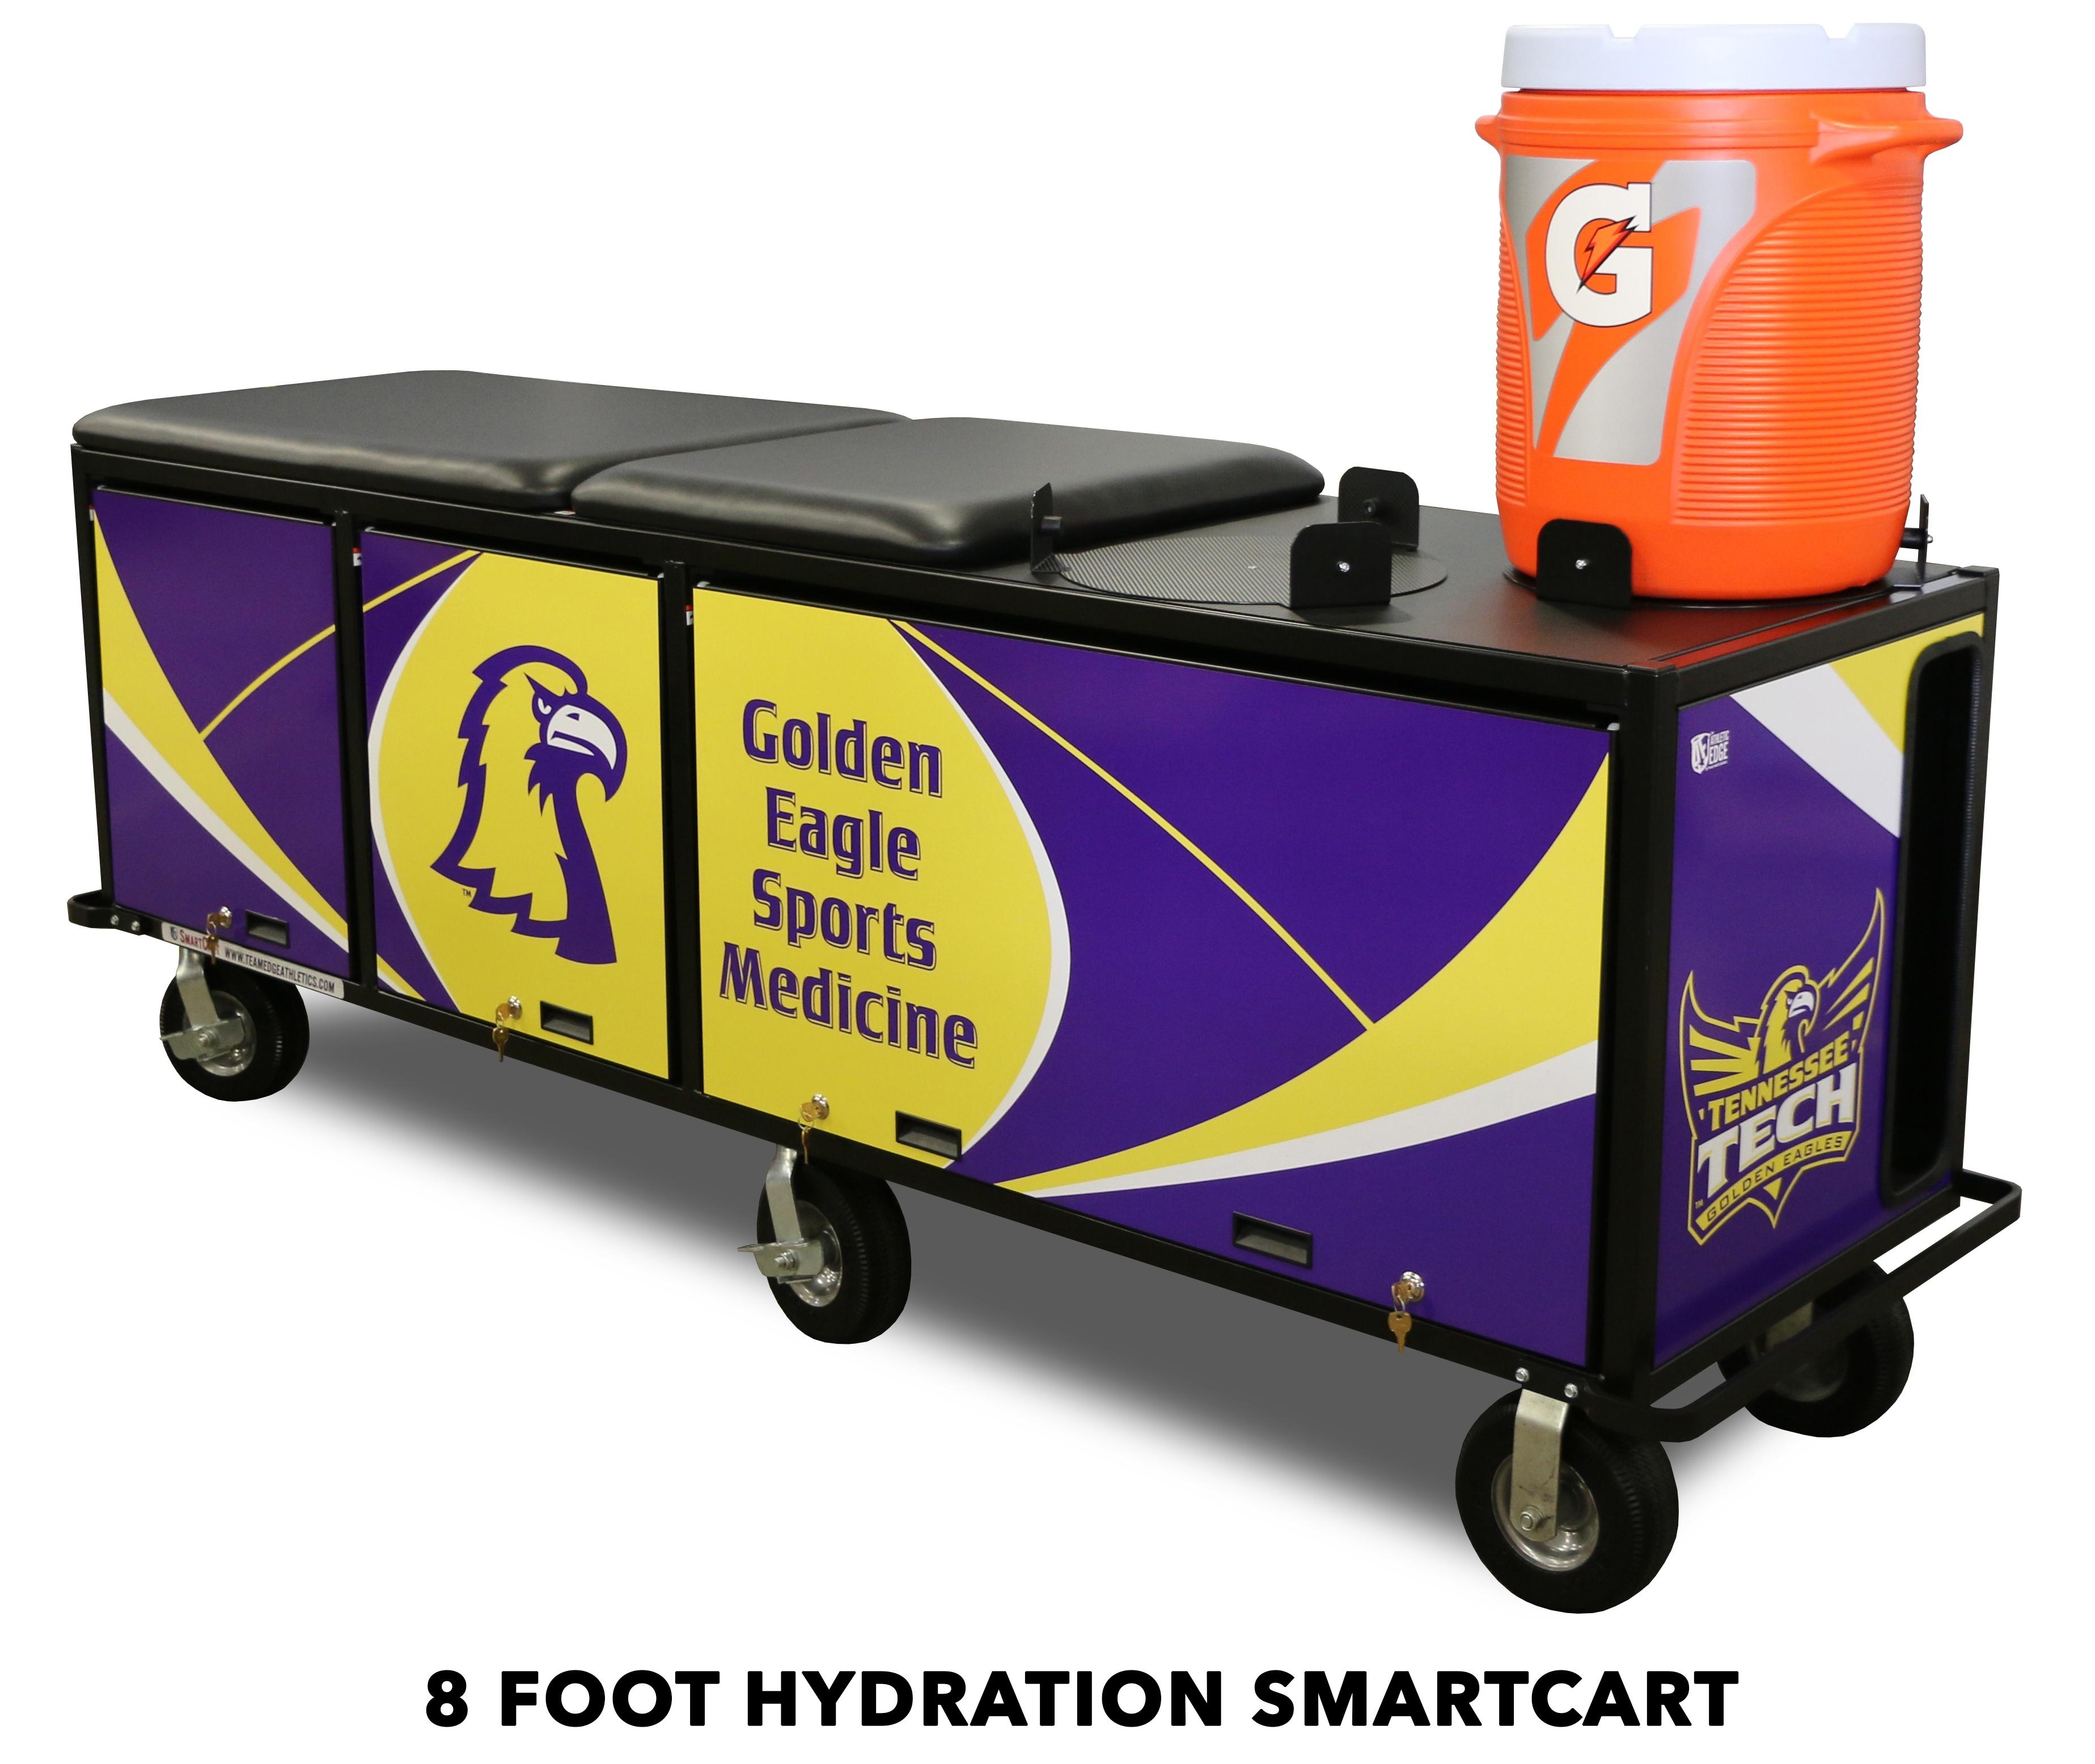 Tenn-Tech-8ft-cart.jpg